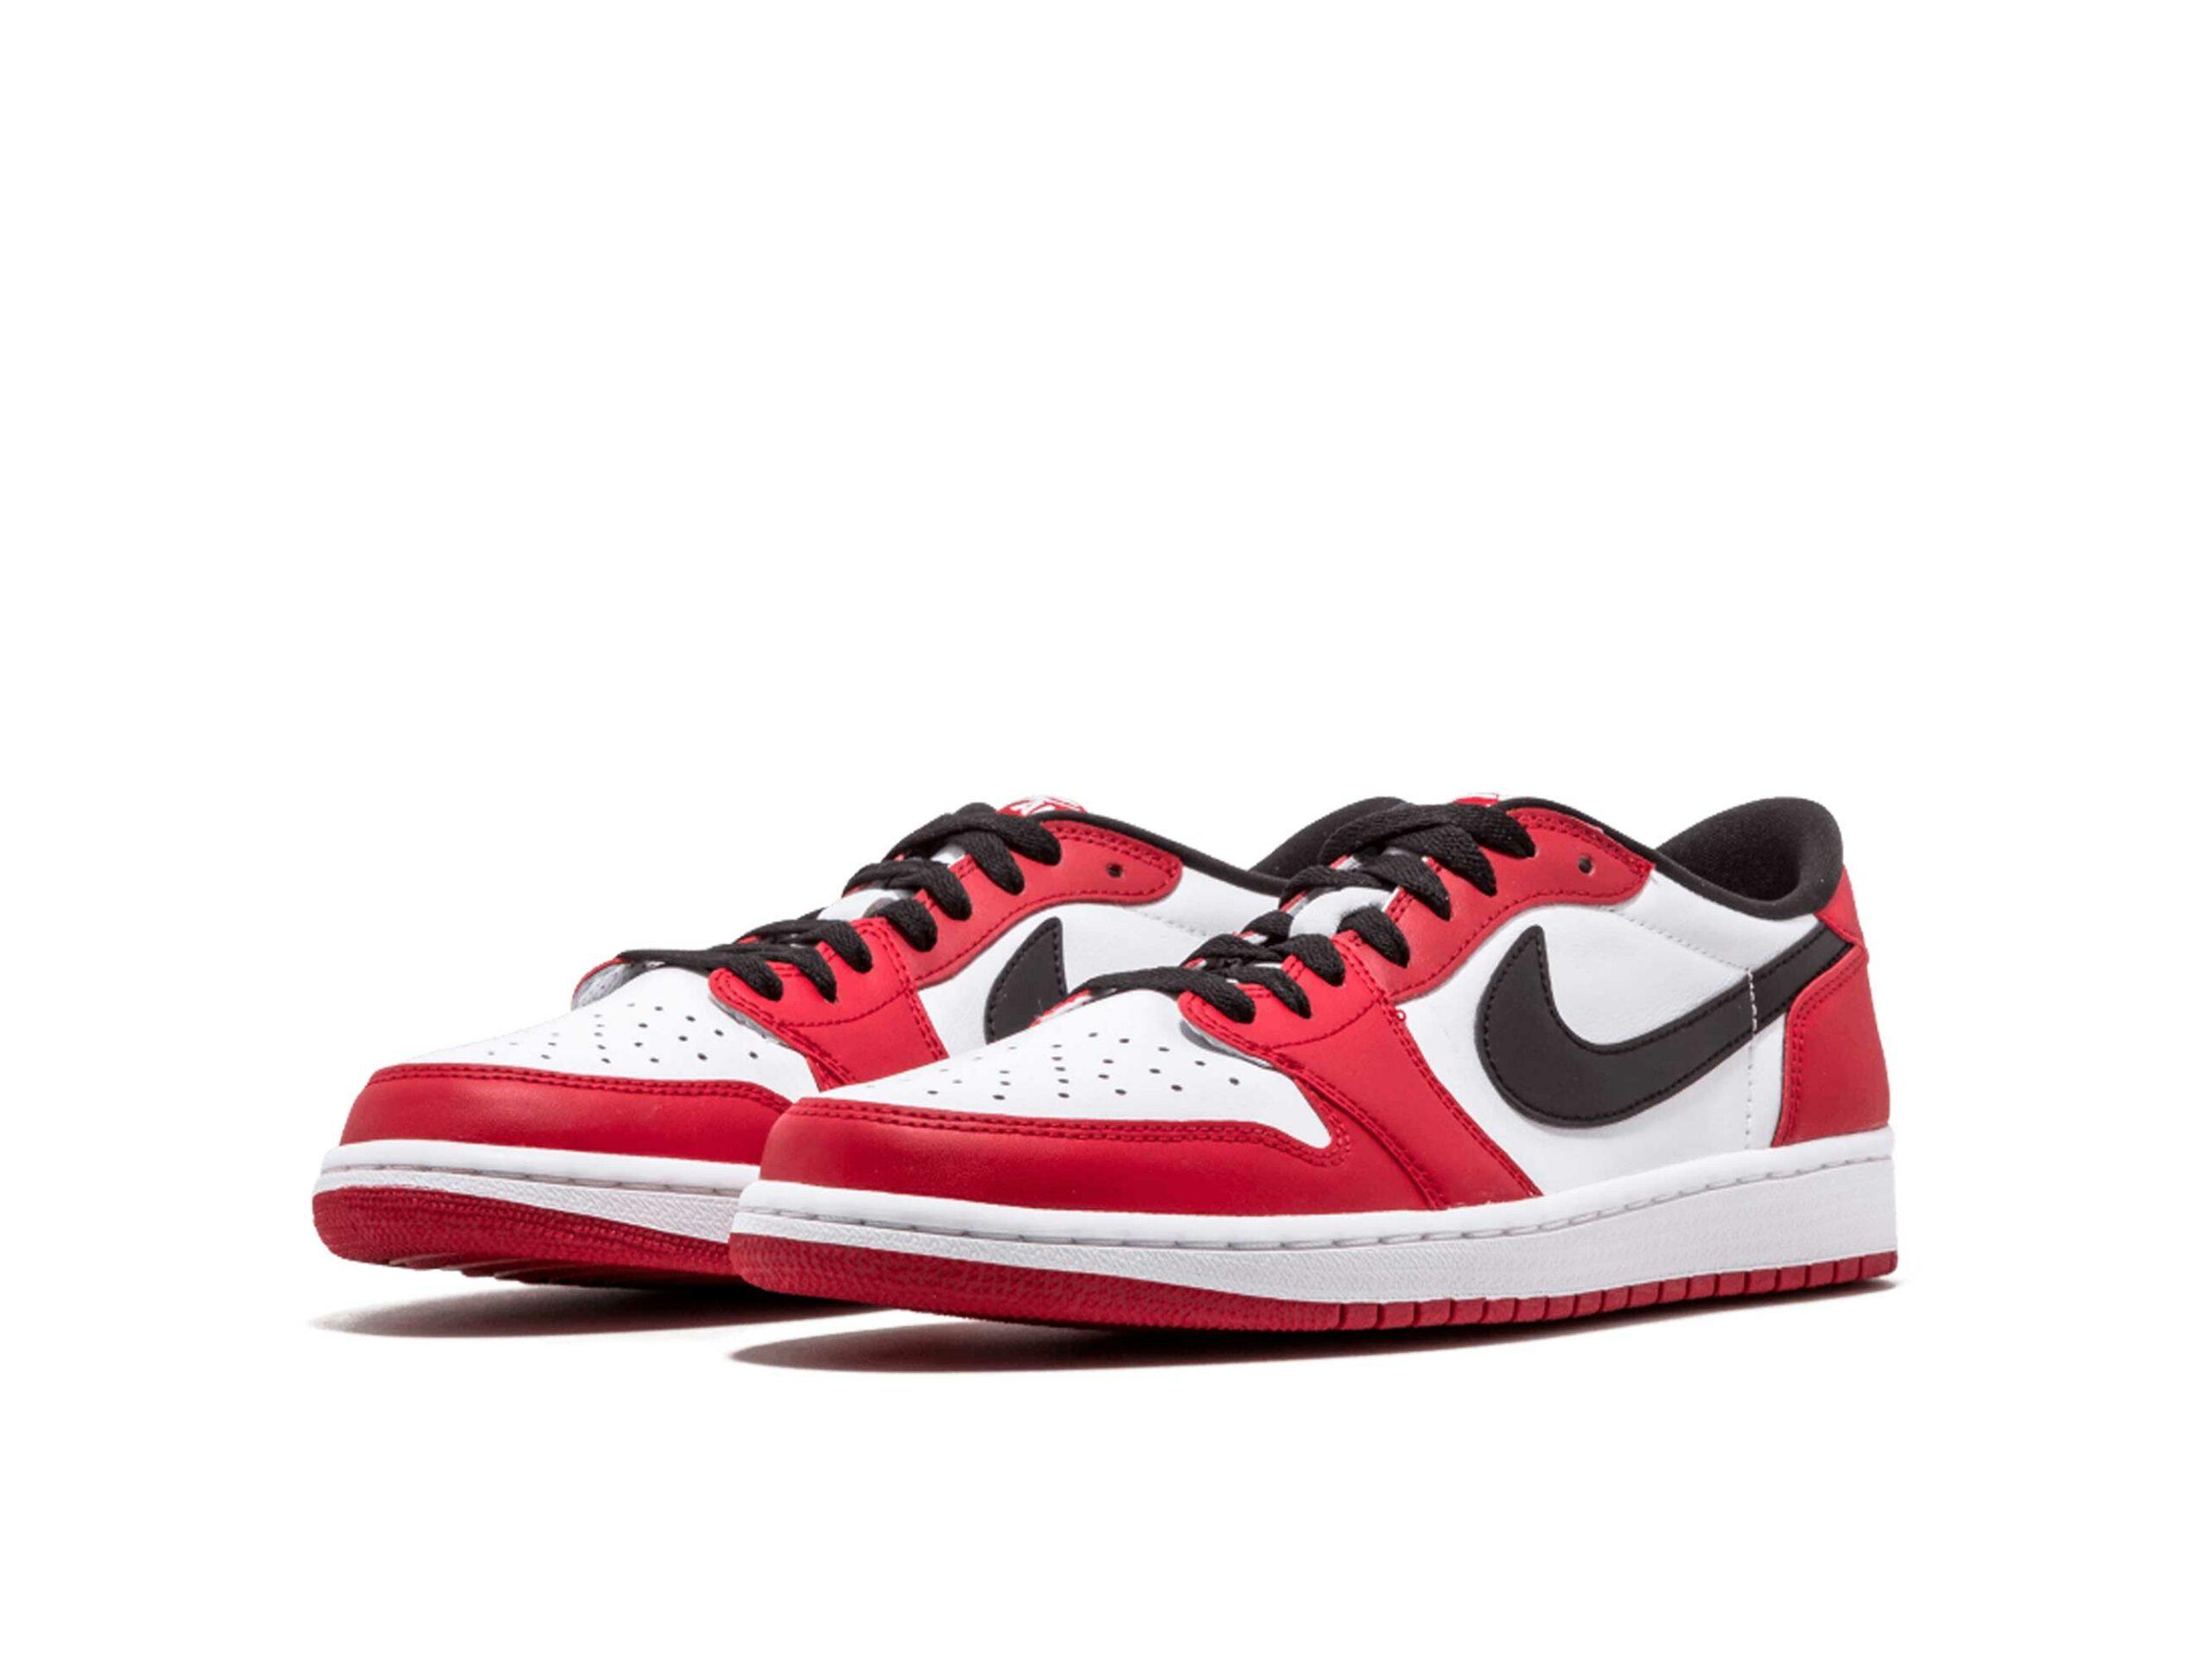 nike air Jordan retro 1 low og chicago 705329_600 купить